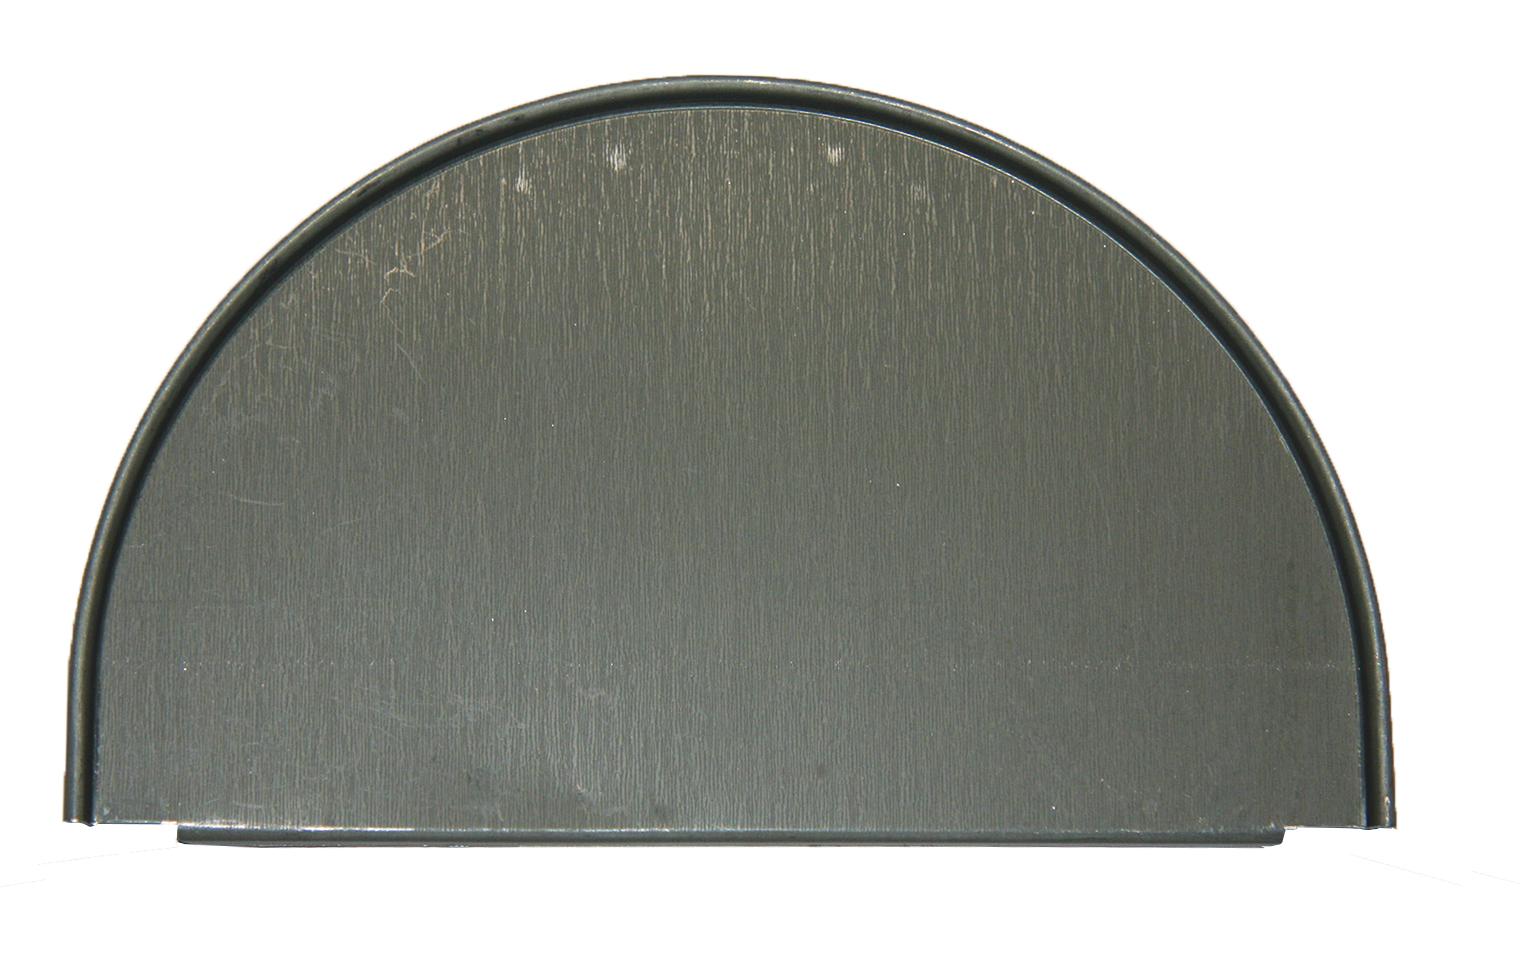 Rheinzink fonds embo tables en zinc patin ardoise pour for Colle pour gouttiere zinc